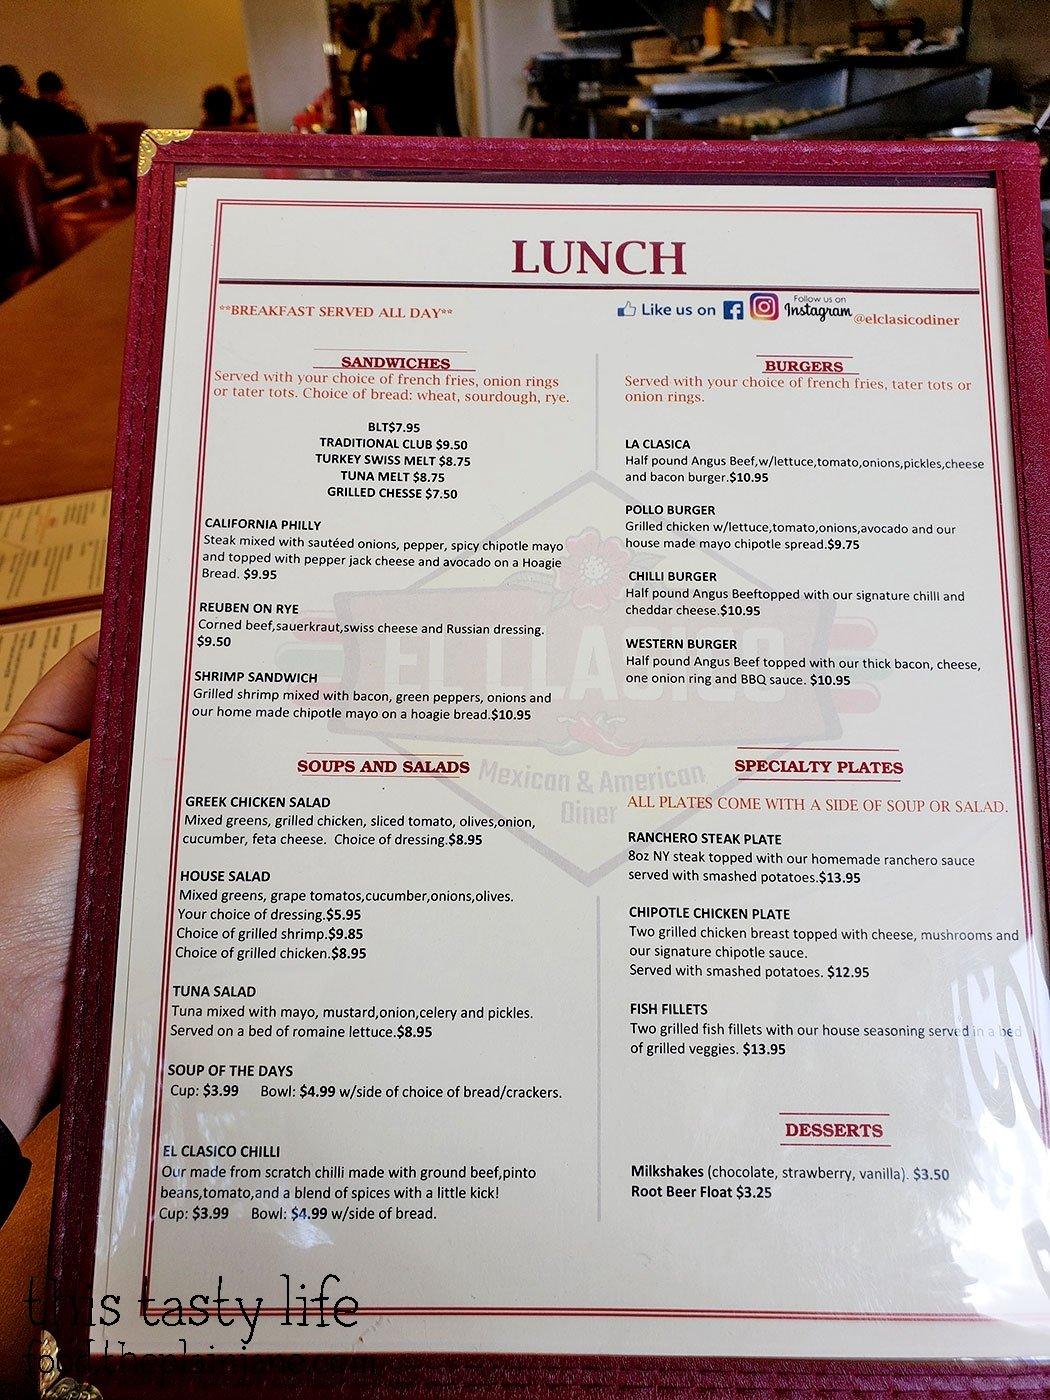 El Clasico Diner - Lemon Grove, CA - This Tasty Life